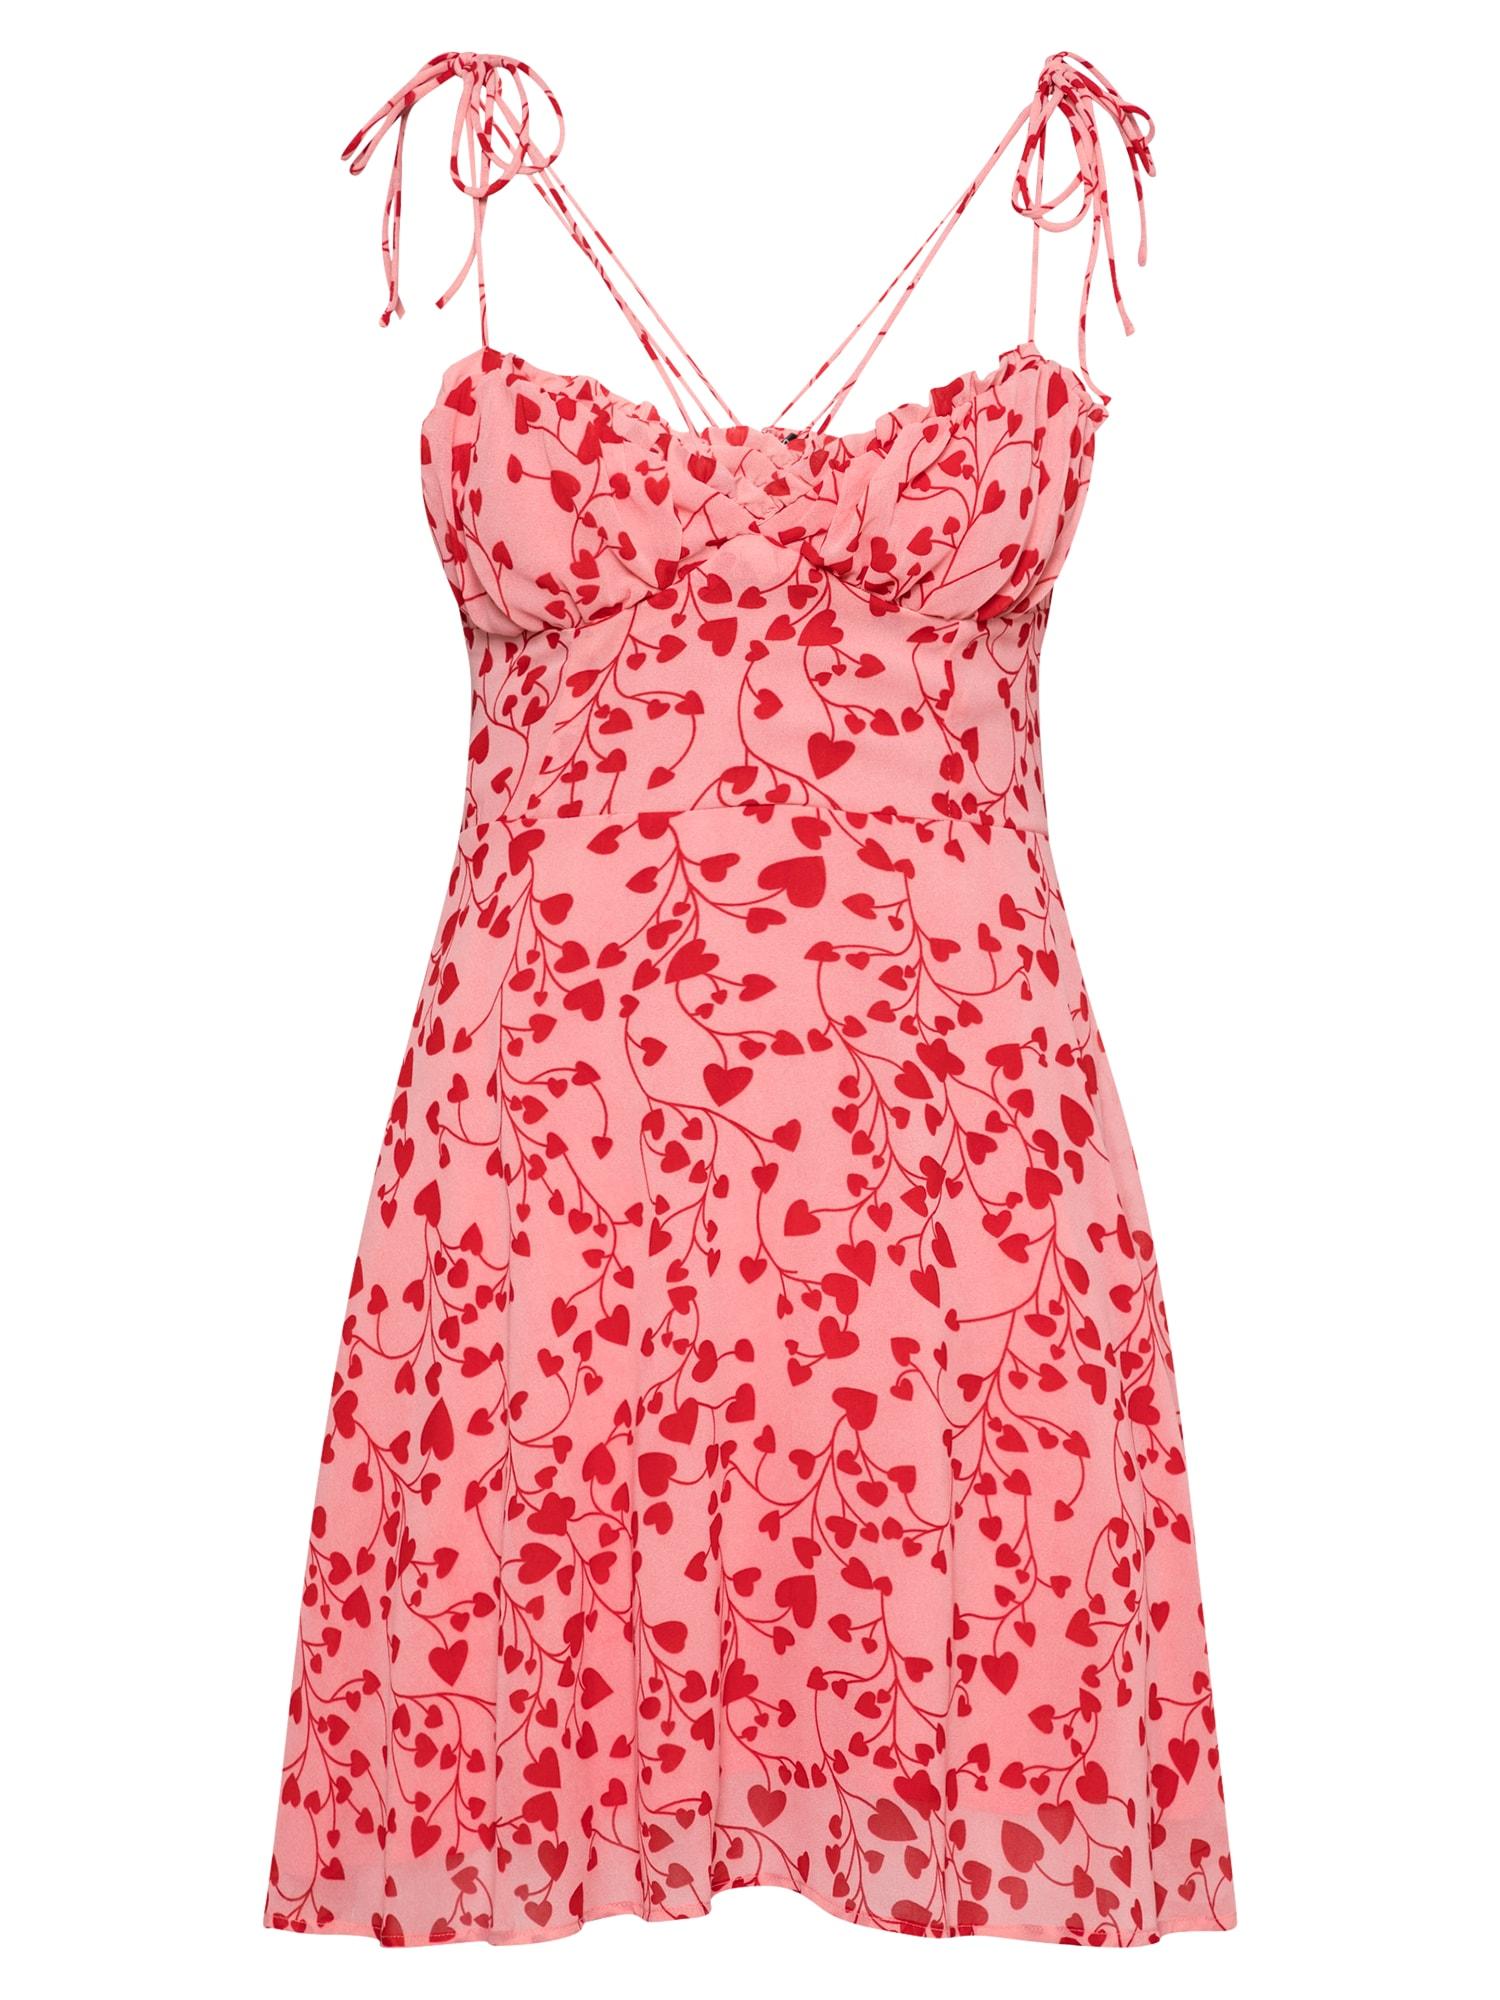 Parallel Lines Vasarinė suknelė tamsiai raudona / rožinė / šviesiai raudona